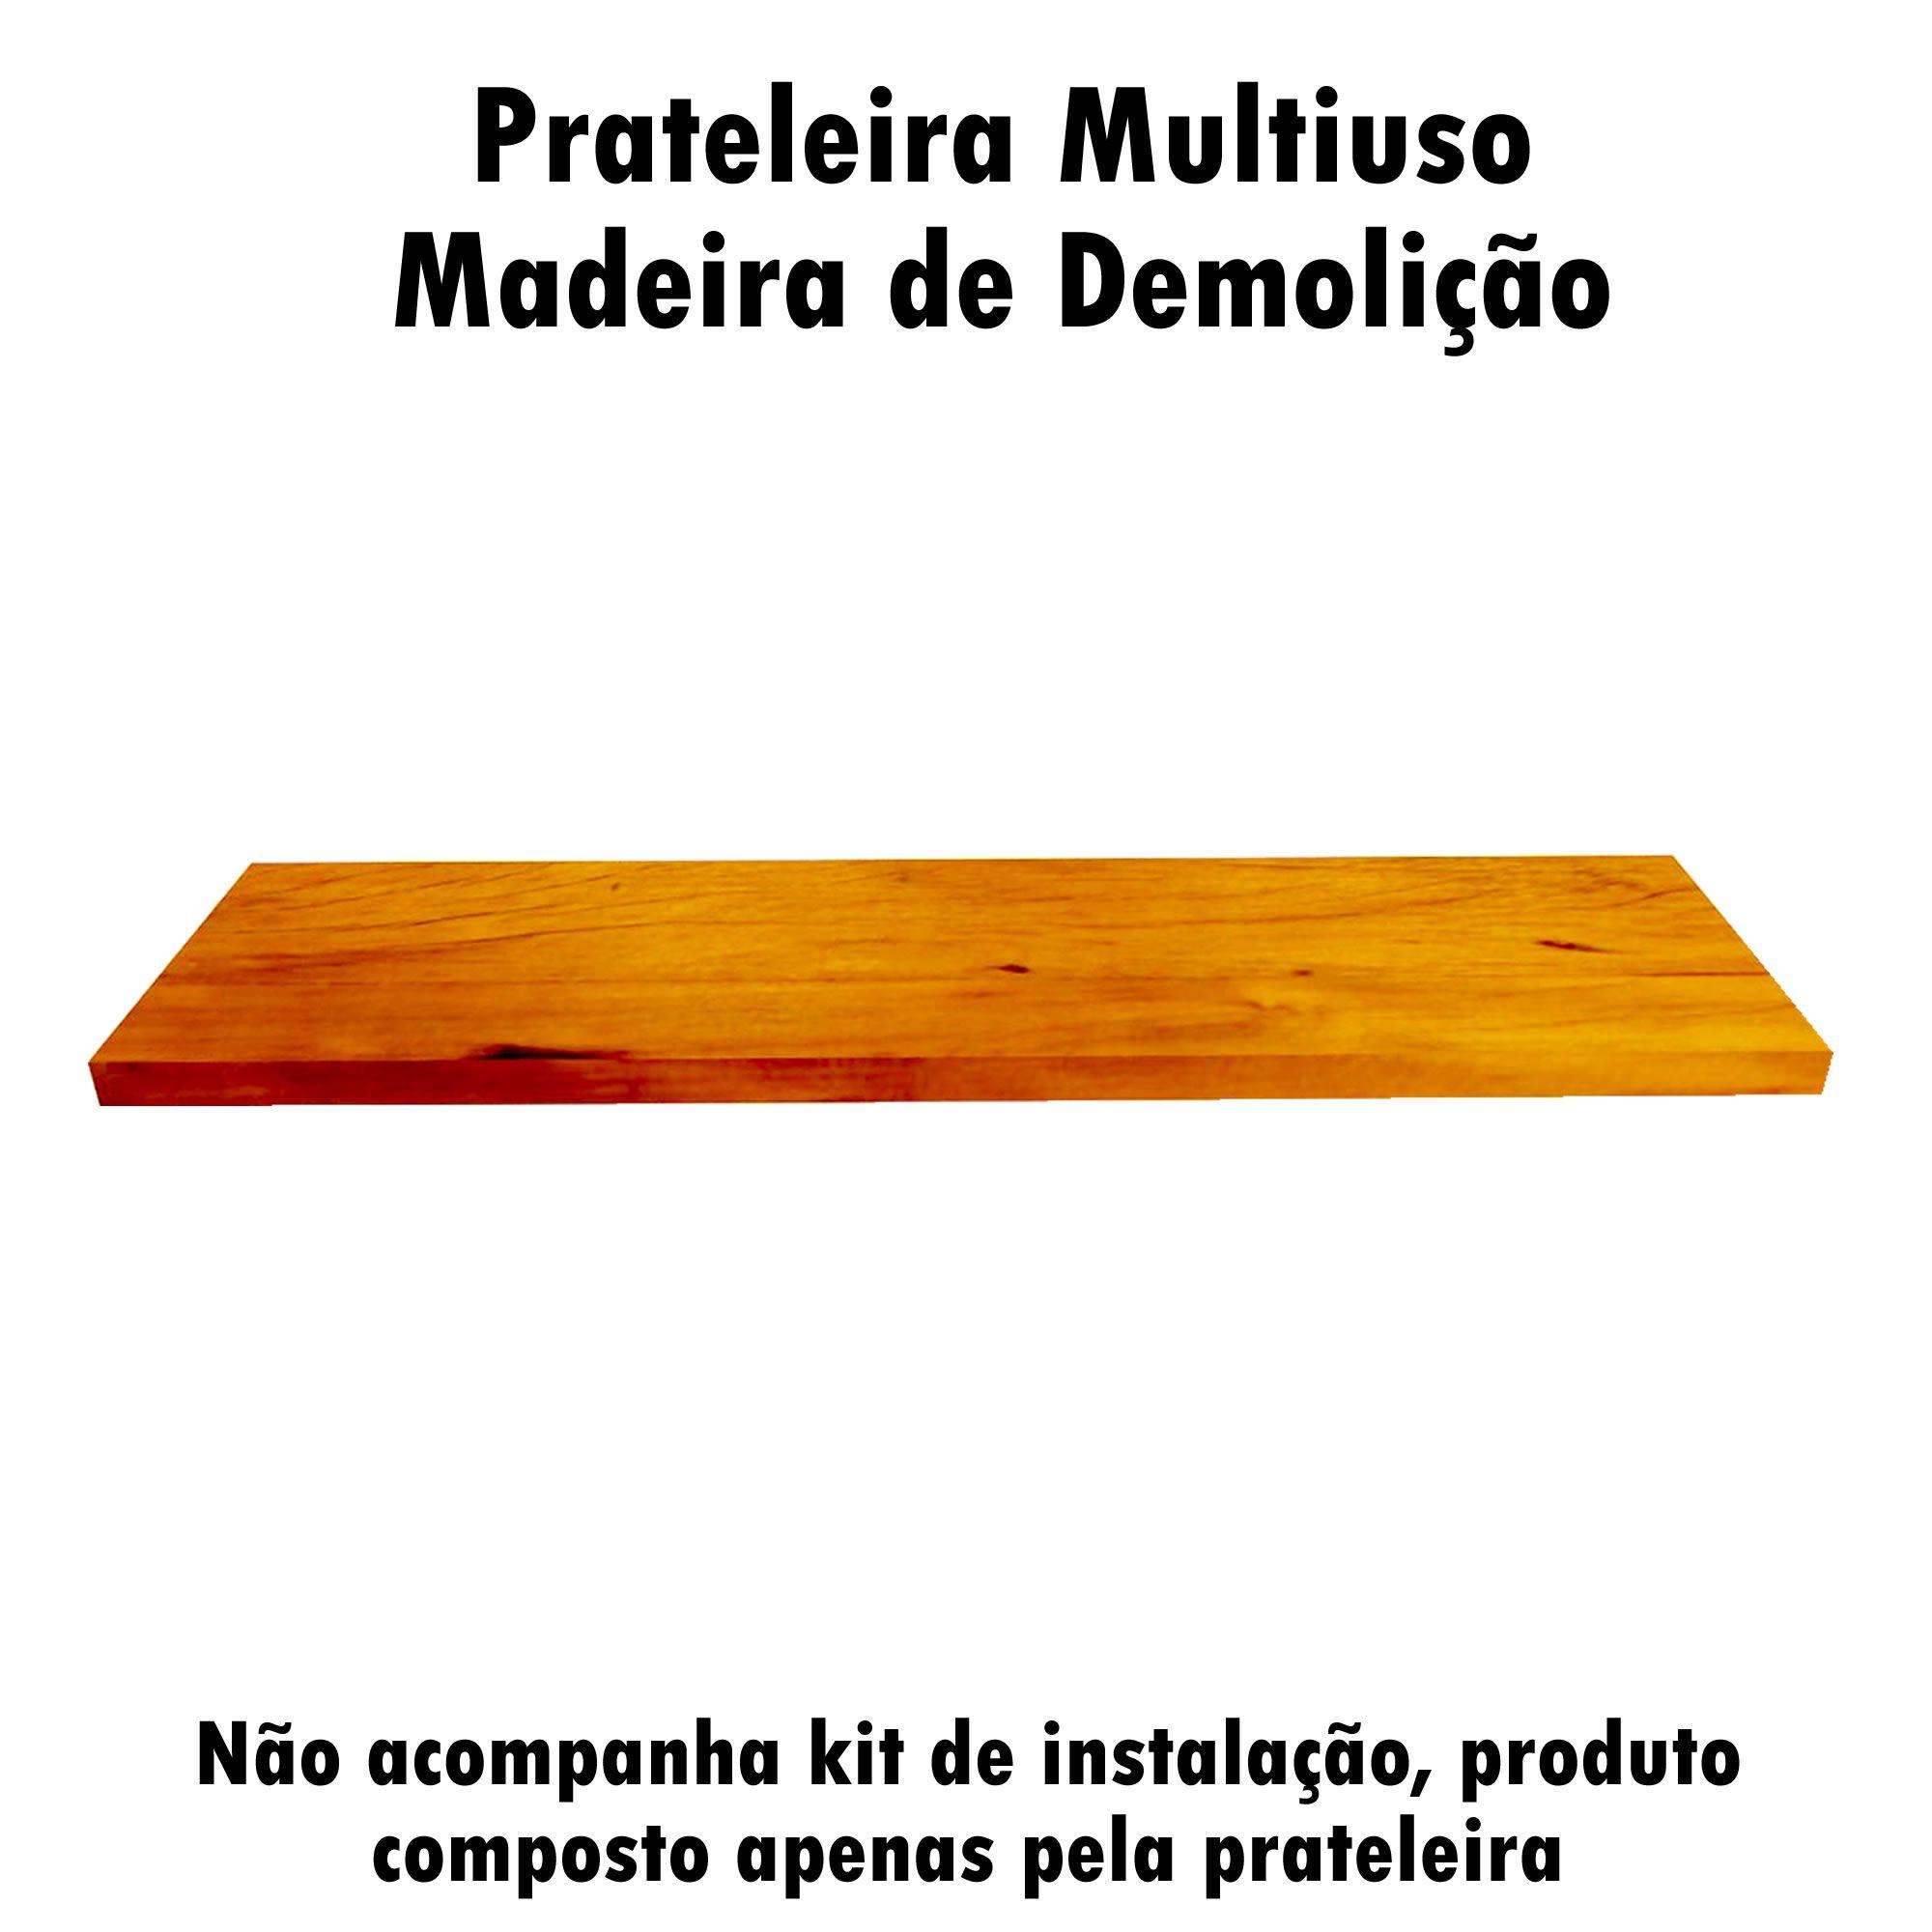 Kit 2 Prateleira Multiuso em Madeira De Demolição medindo 90x19x2